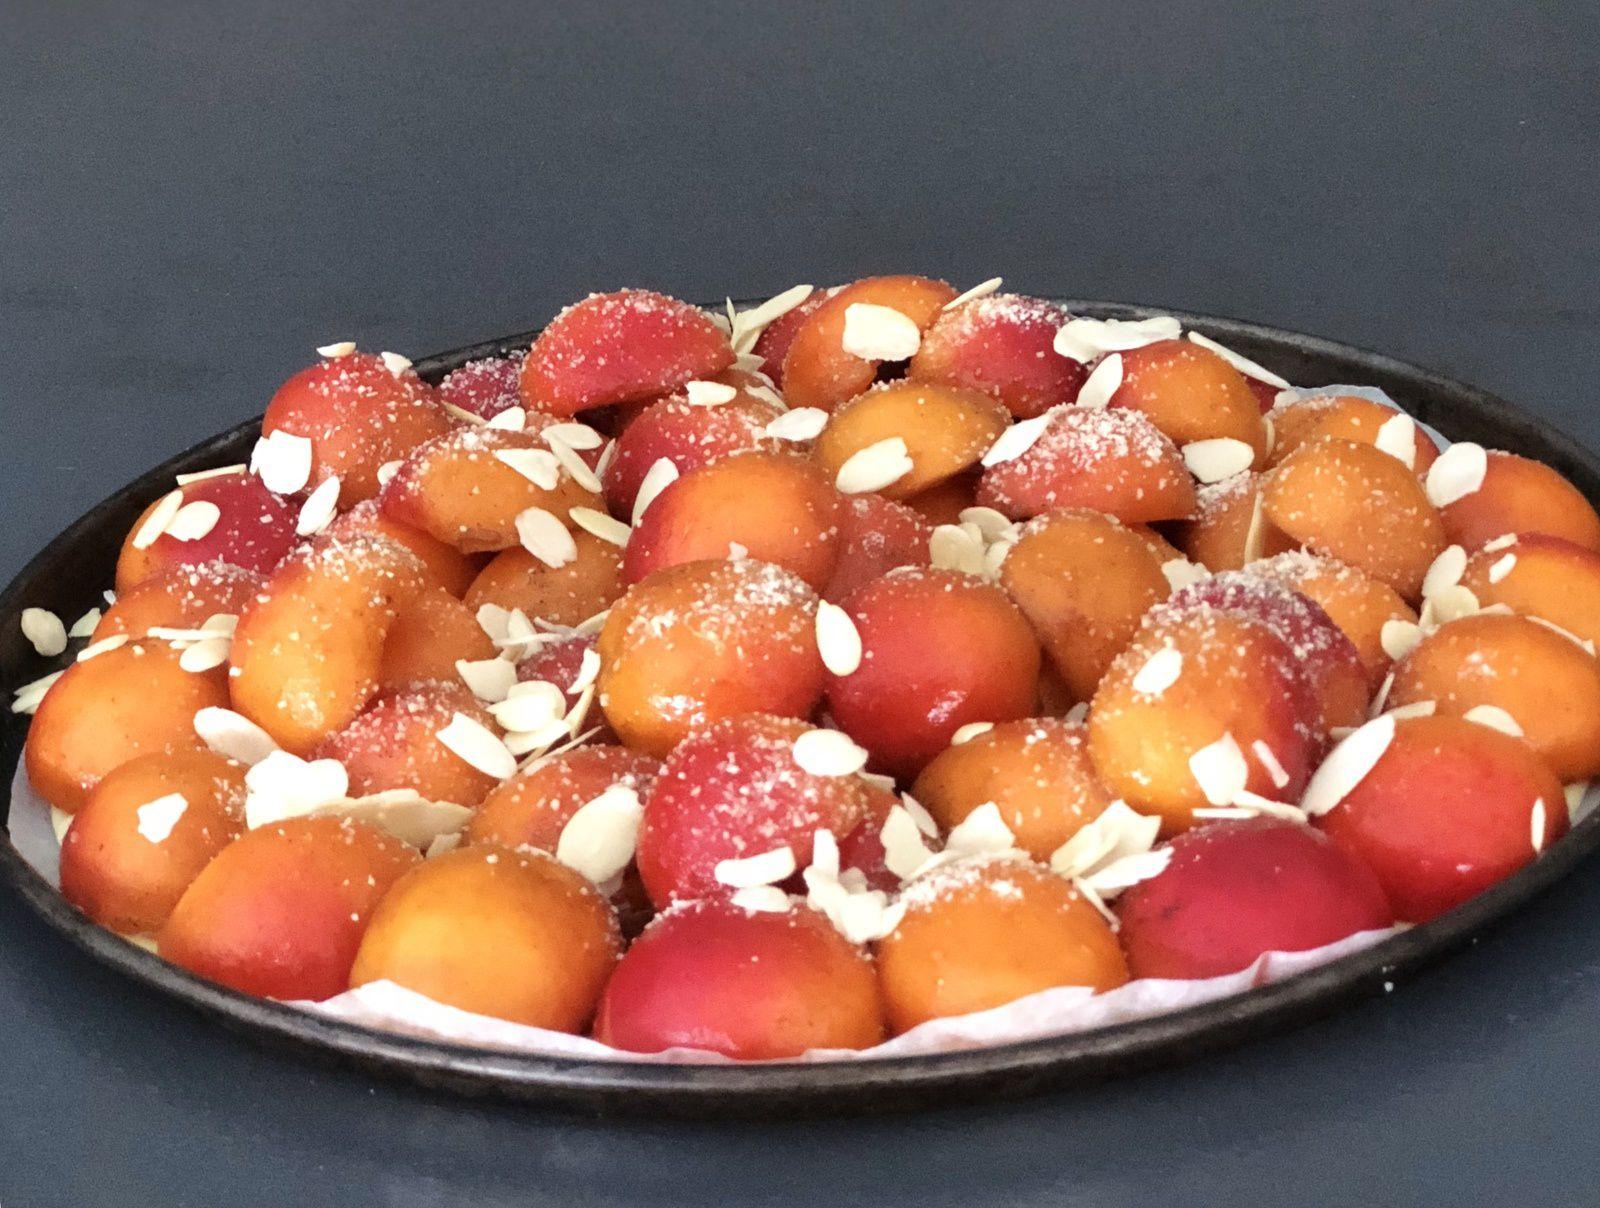 les ateliers de Sam, Sabine Bolzan, desserts, tartes, tarte aux abricots, abricots, l'été est dans l'assiette